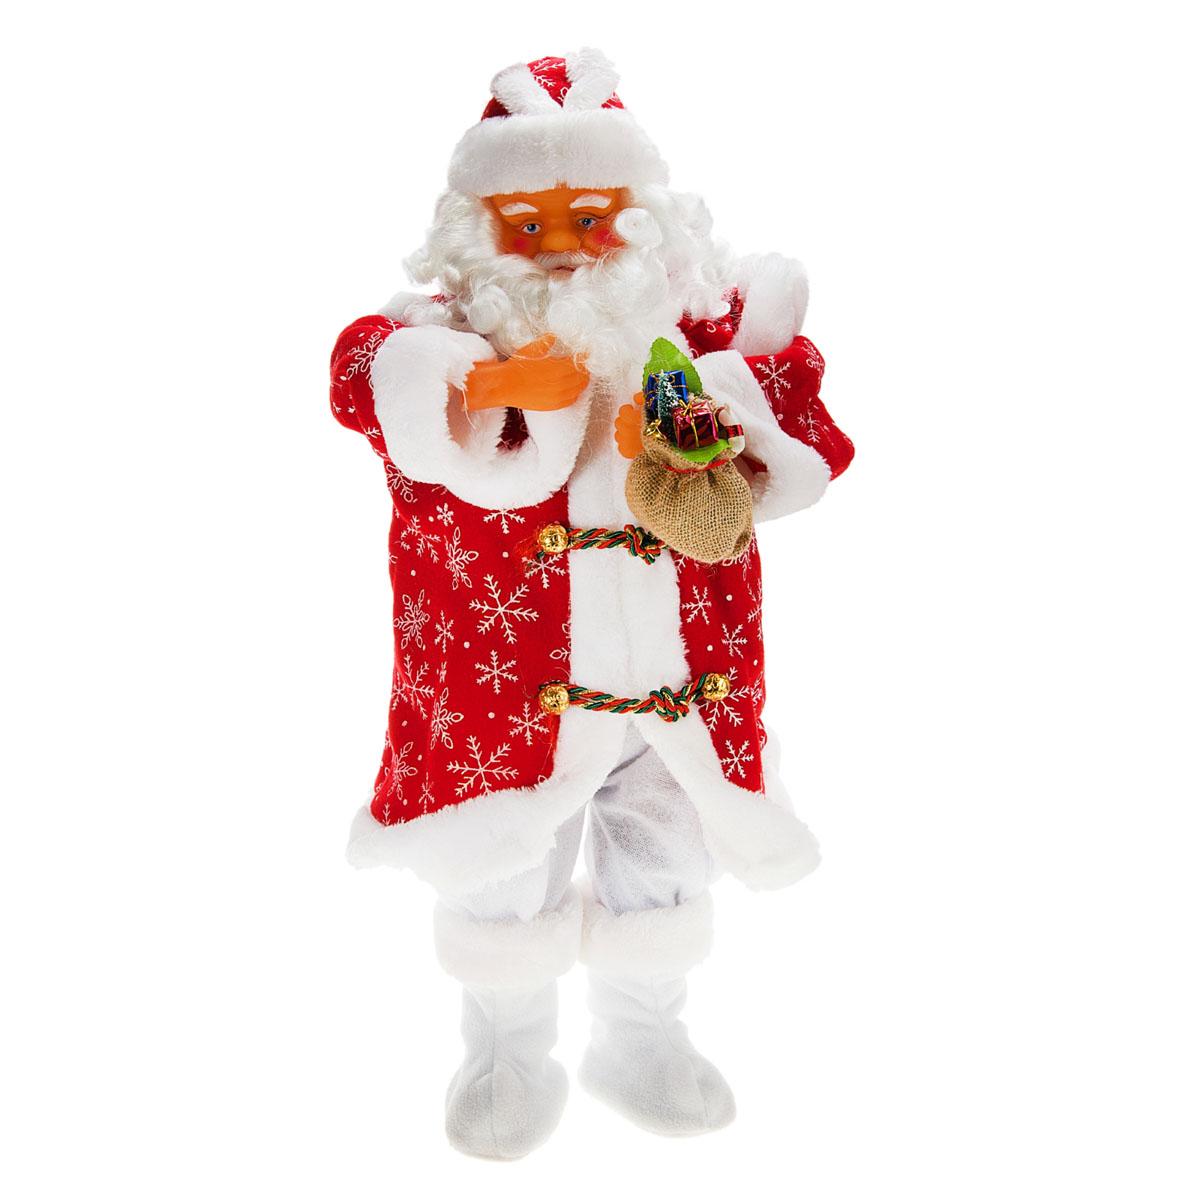 Новогодняя декоративная фигурка Sima-land Дед Мороз, анимированная, цвет: красный, высота 60 см. 827817827817Новогодняя декоративная фигурка выполнена из высококачественного пластика в виде Деда Мороза. Дед Мороз одет в шубу, на голове колпак. В руке у него мешок с подарками. Особенностью фигурки является наличие механизма, при включении которого играет мелодия, а голова и руки куклы начинают двигаться. Его добрый вид и очаровательная улыбка притягивают к себе восторженные взгляды. Декоративная фигурка Дед Мороз подойдет для оформления новогоднего интерьера и принесет с собой атмосферу радости и веселья. УВАЖАЕМЫЕ КЛИЕНТЫ! Обращаем ваше внимание на тот факт, что декоративная фигурка работает от трех батареек типа АА напряжением 1,5V. Батарейки в комплект не входят.